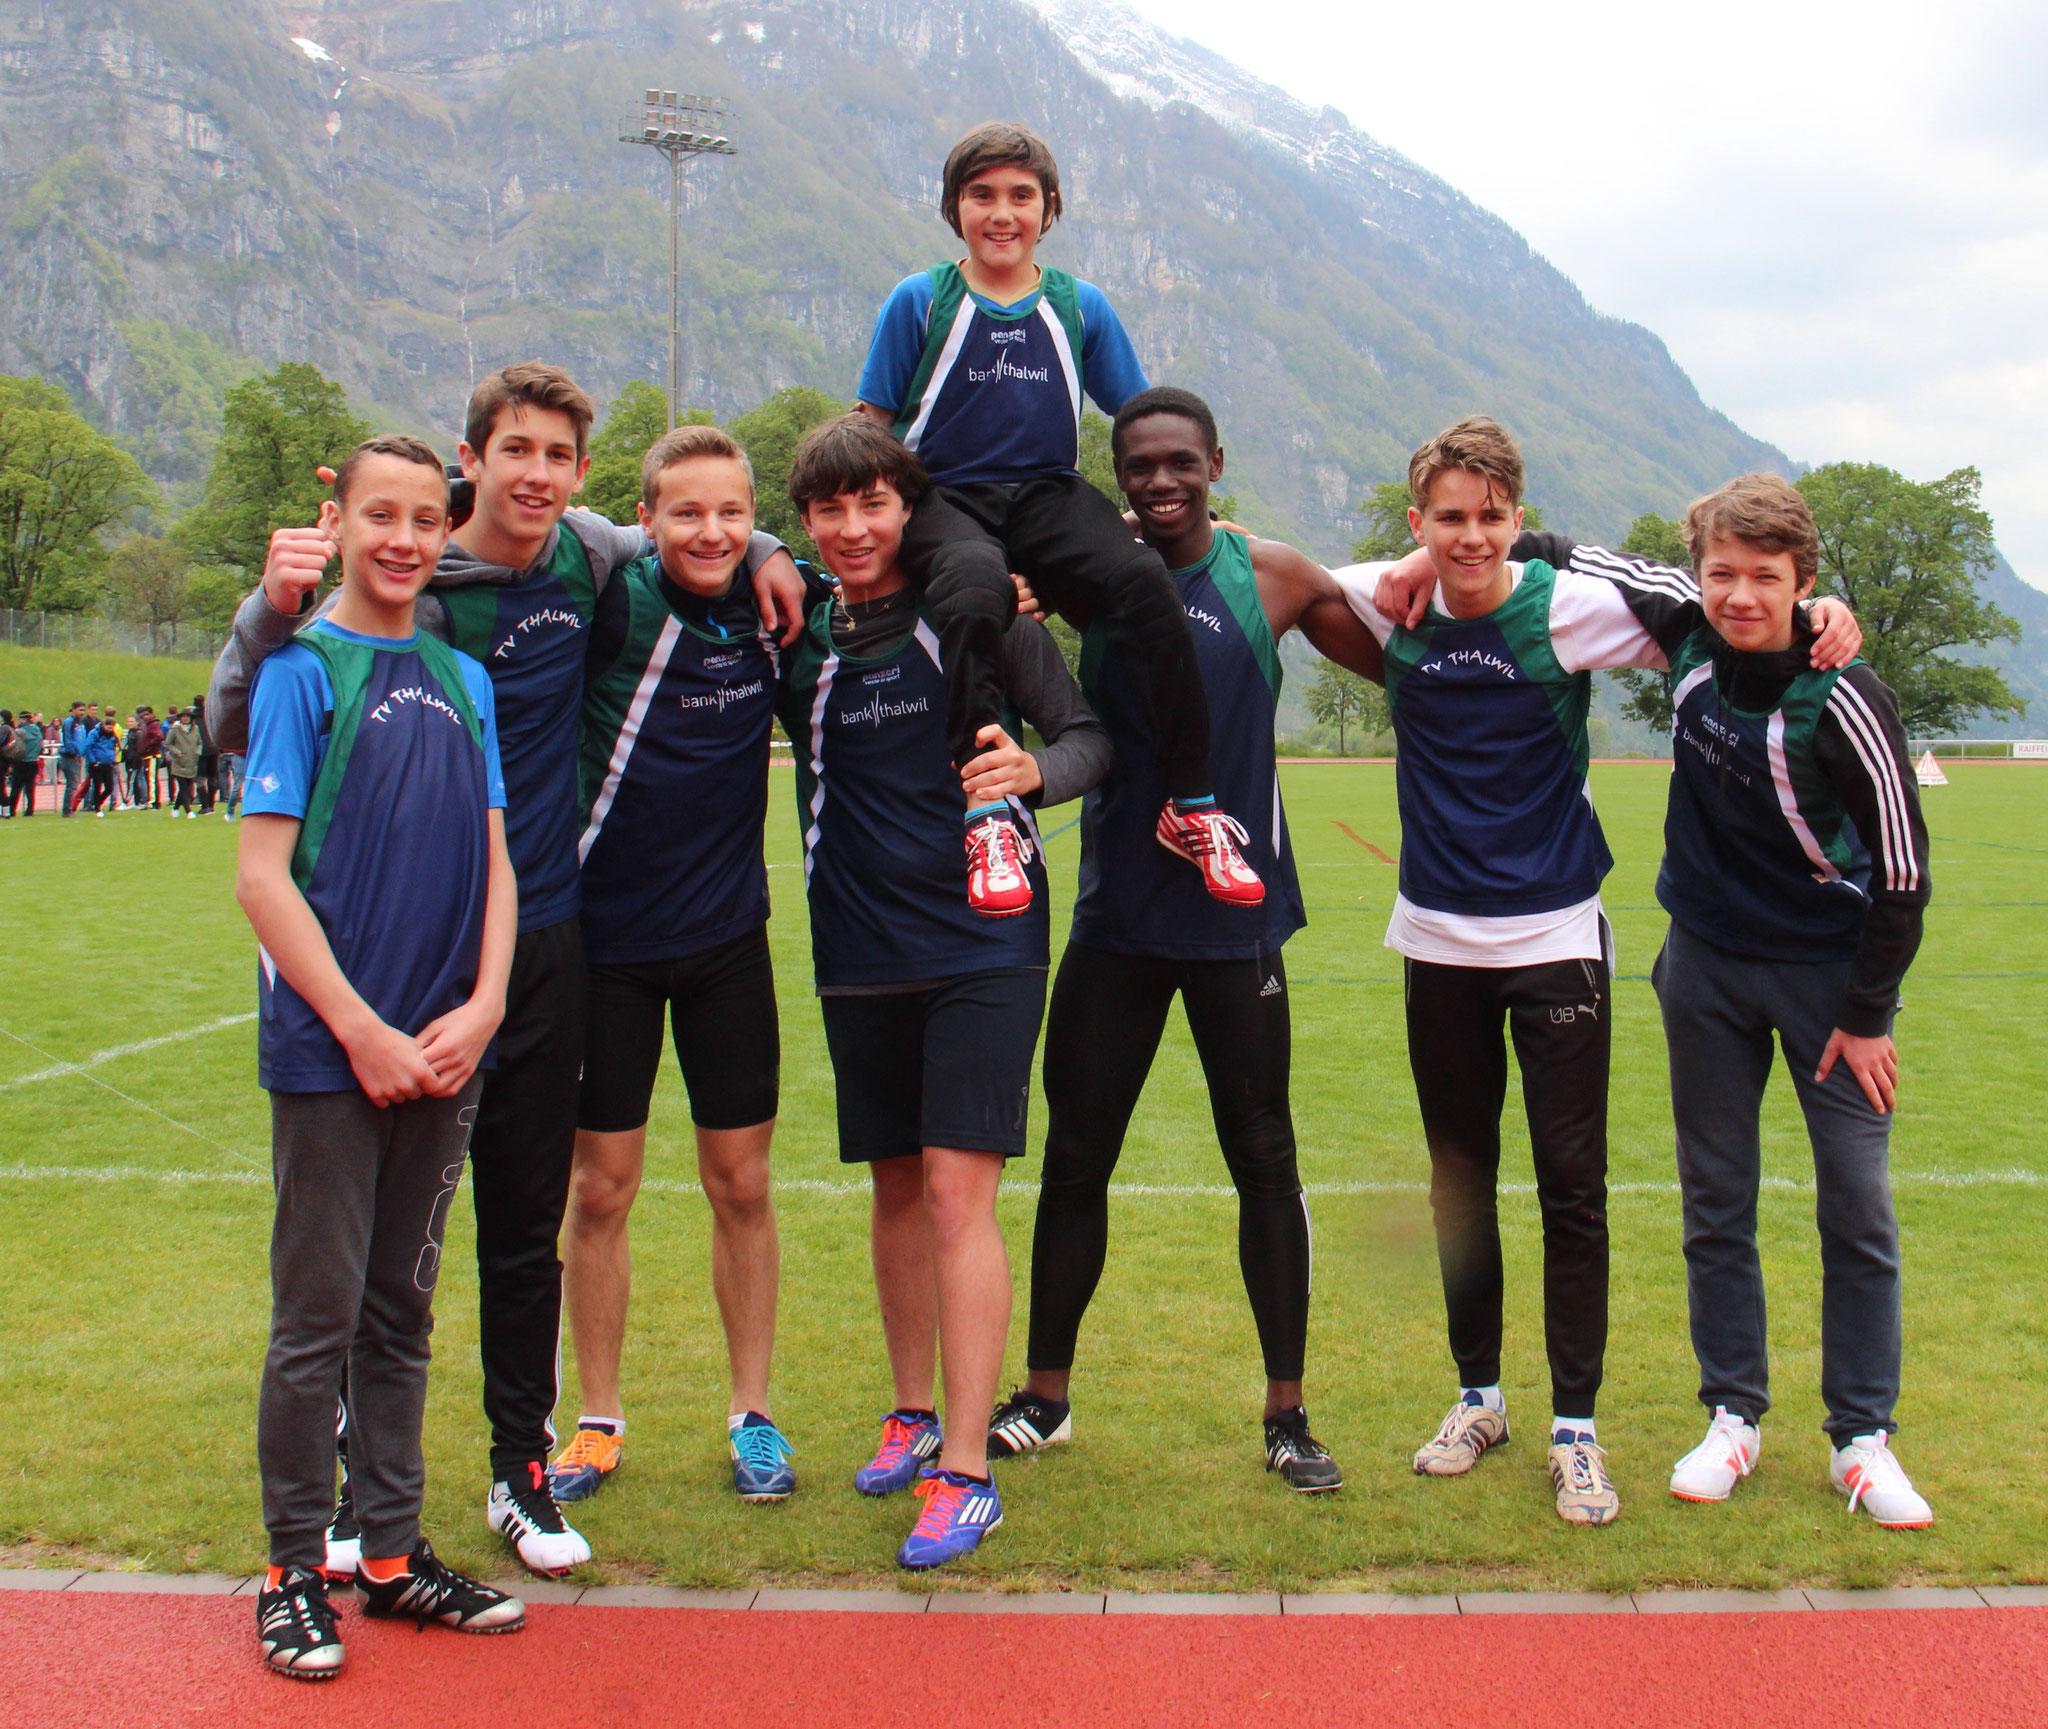 1. Rang in der Kategorie männliche Jugend ohne Stab (60 Meter)